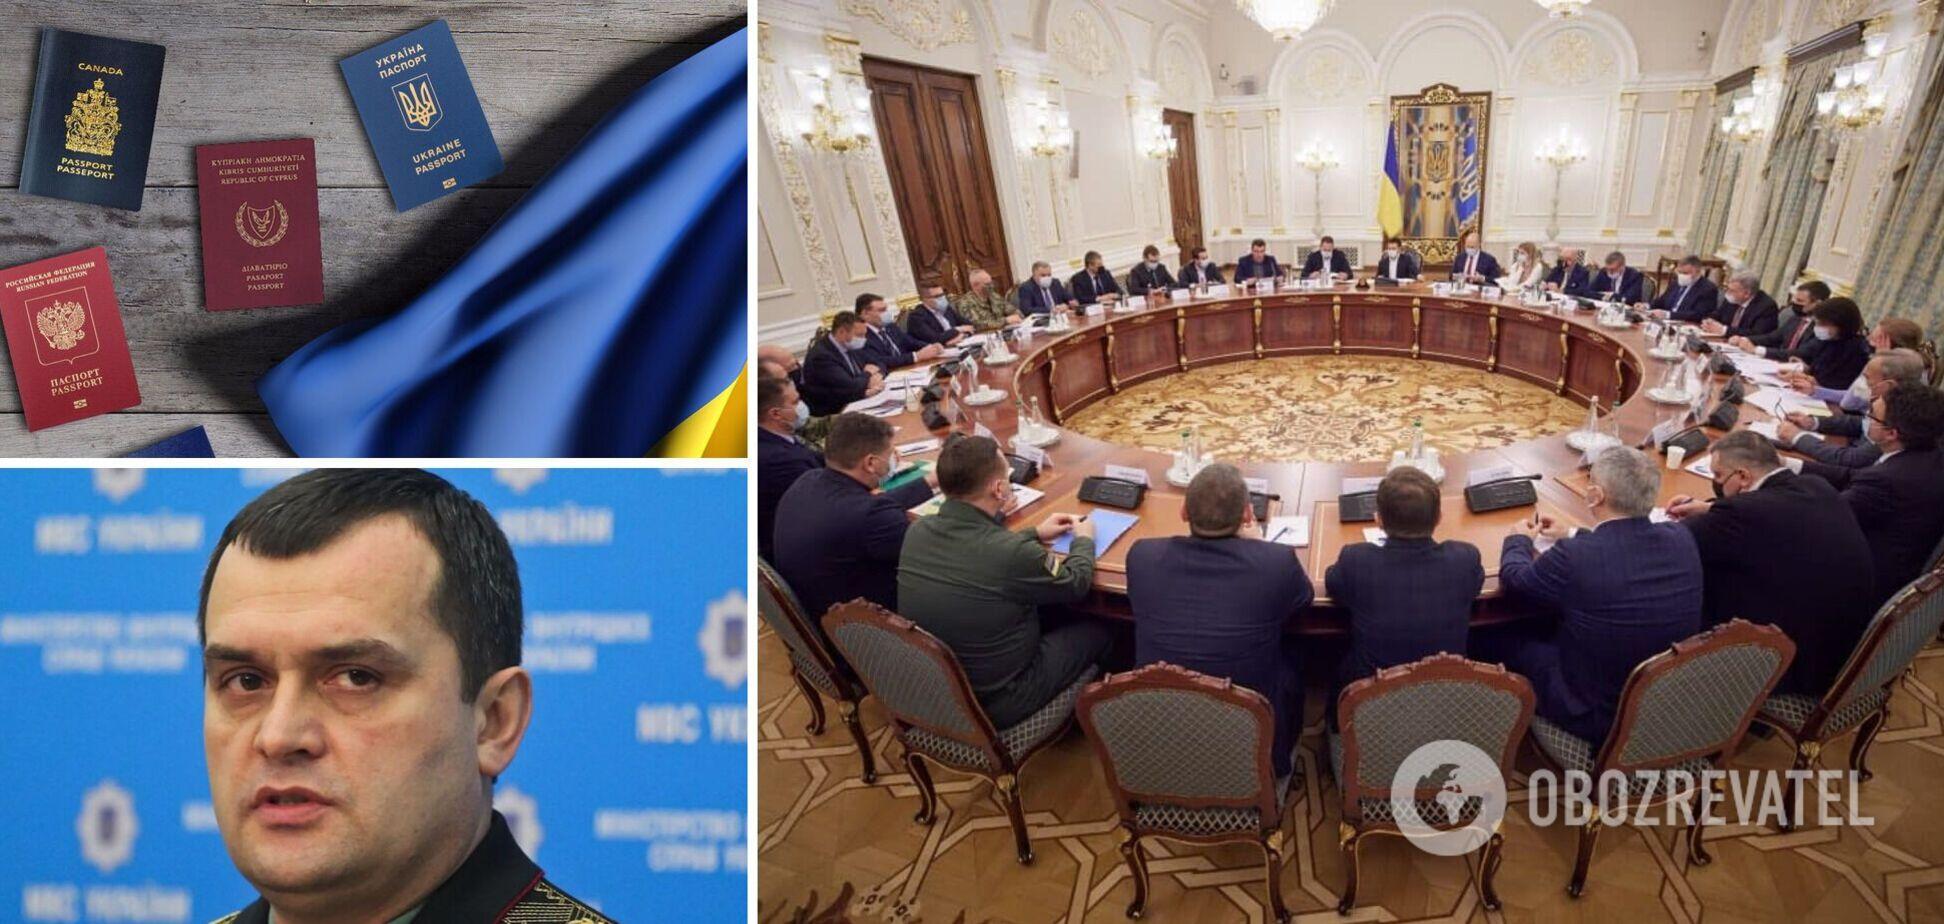 Новые санкции, контроль двойного гражданства и возврат Крыма: главные решения СНБО